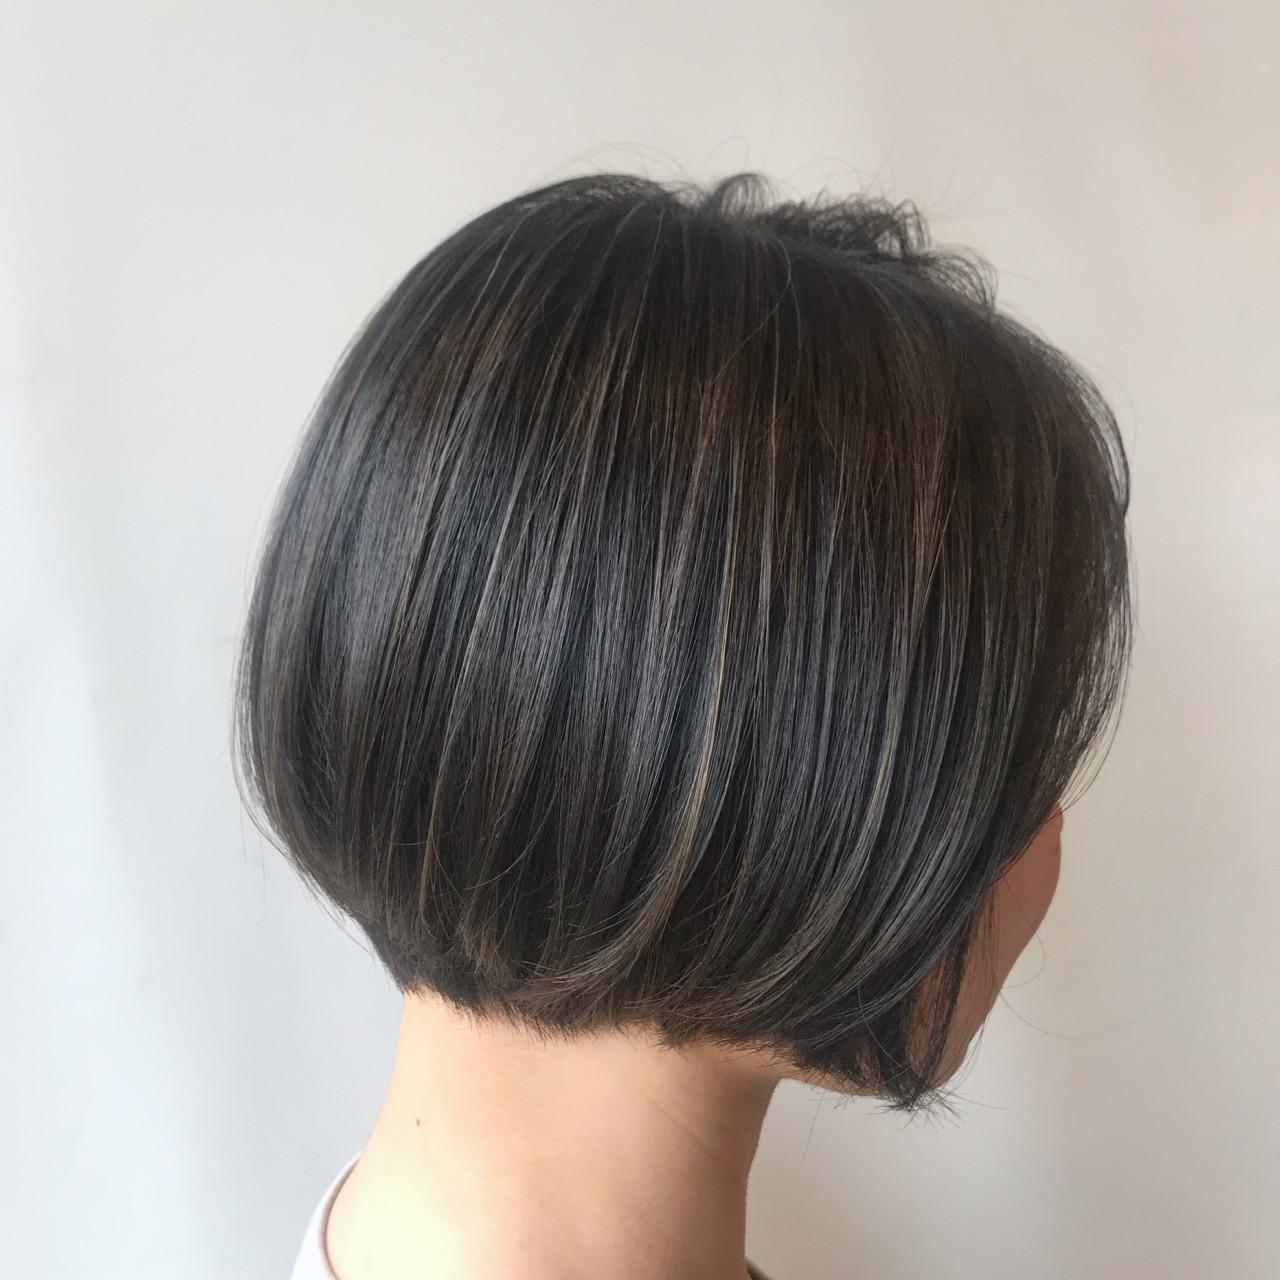 ハイライト オフィス ボブ アッシュグレー ヘアスタイルや髪型の写真・画像